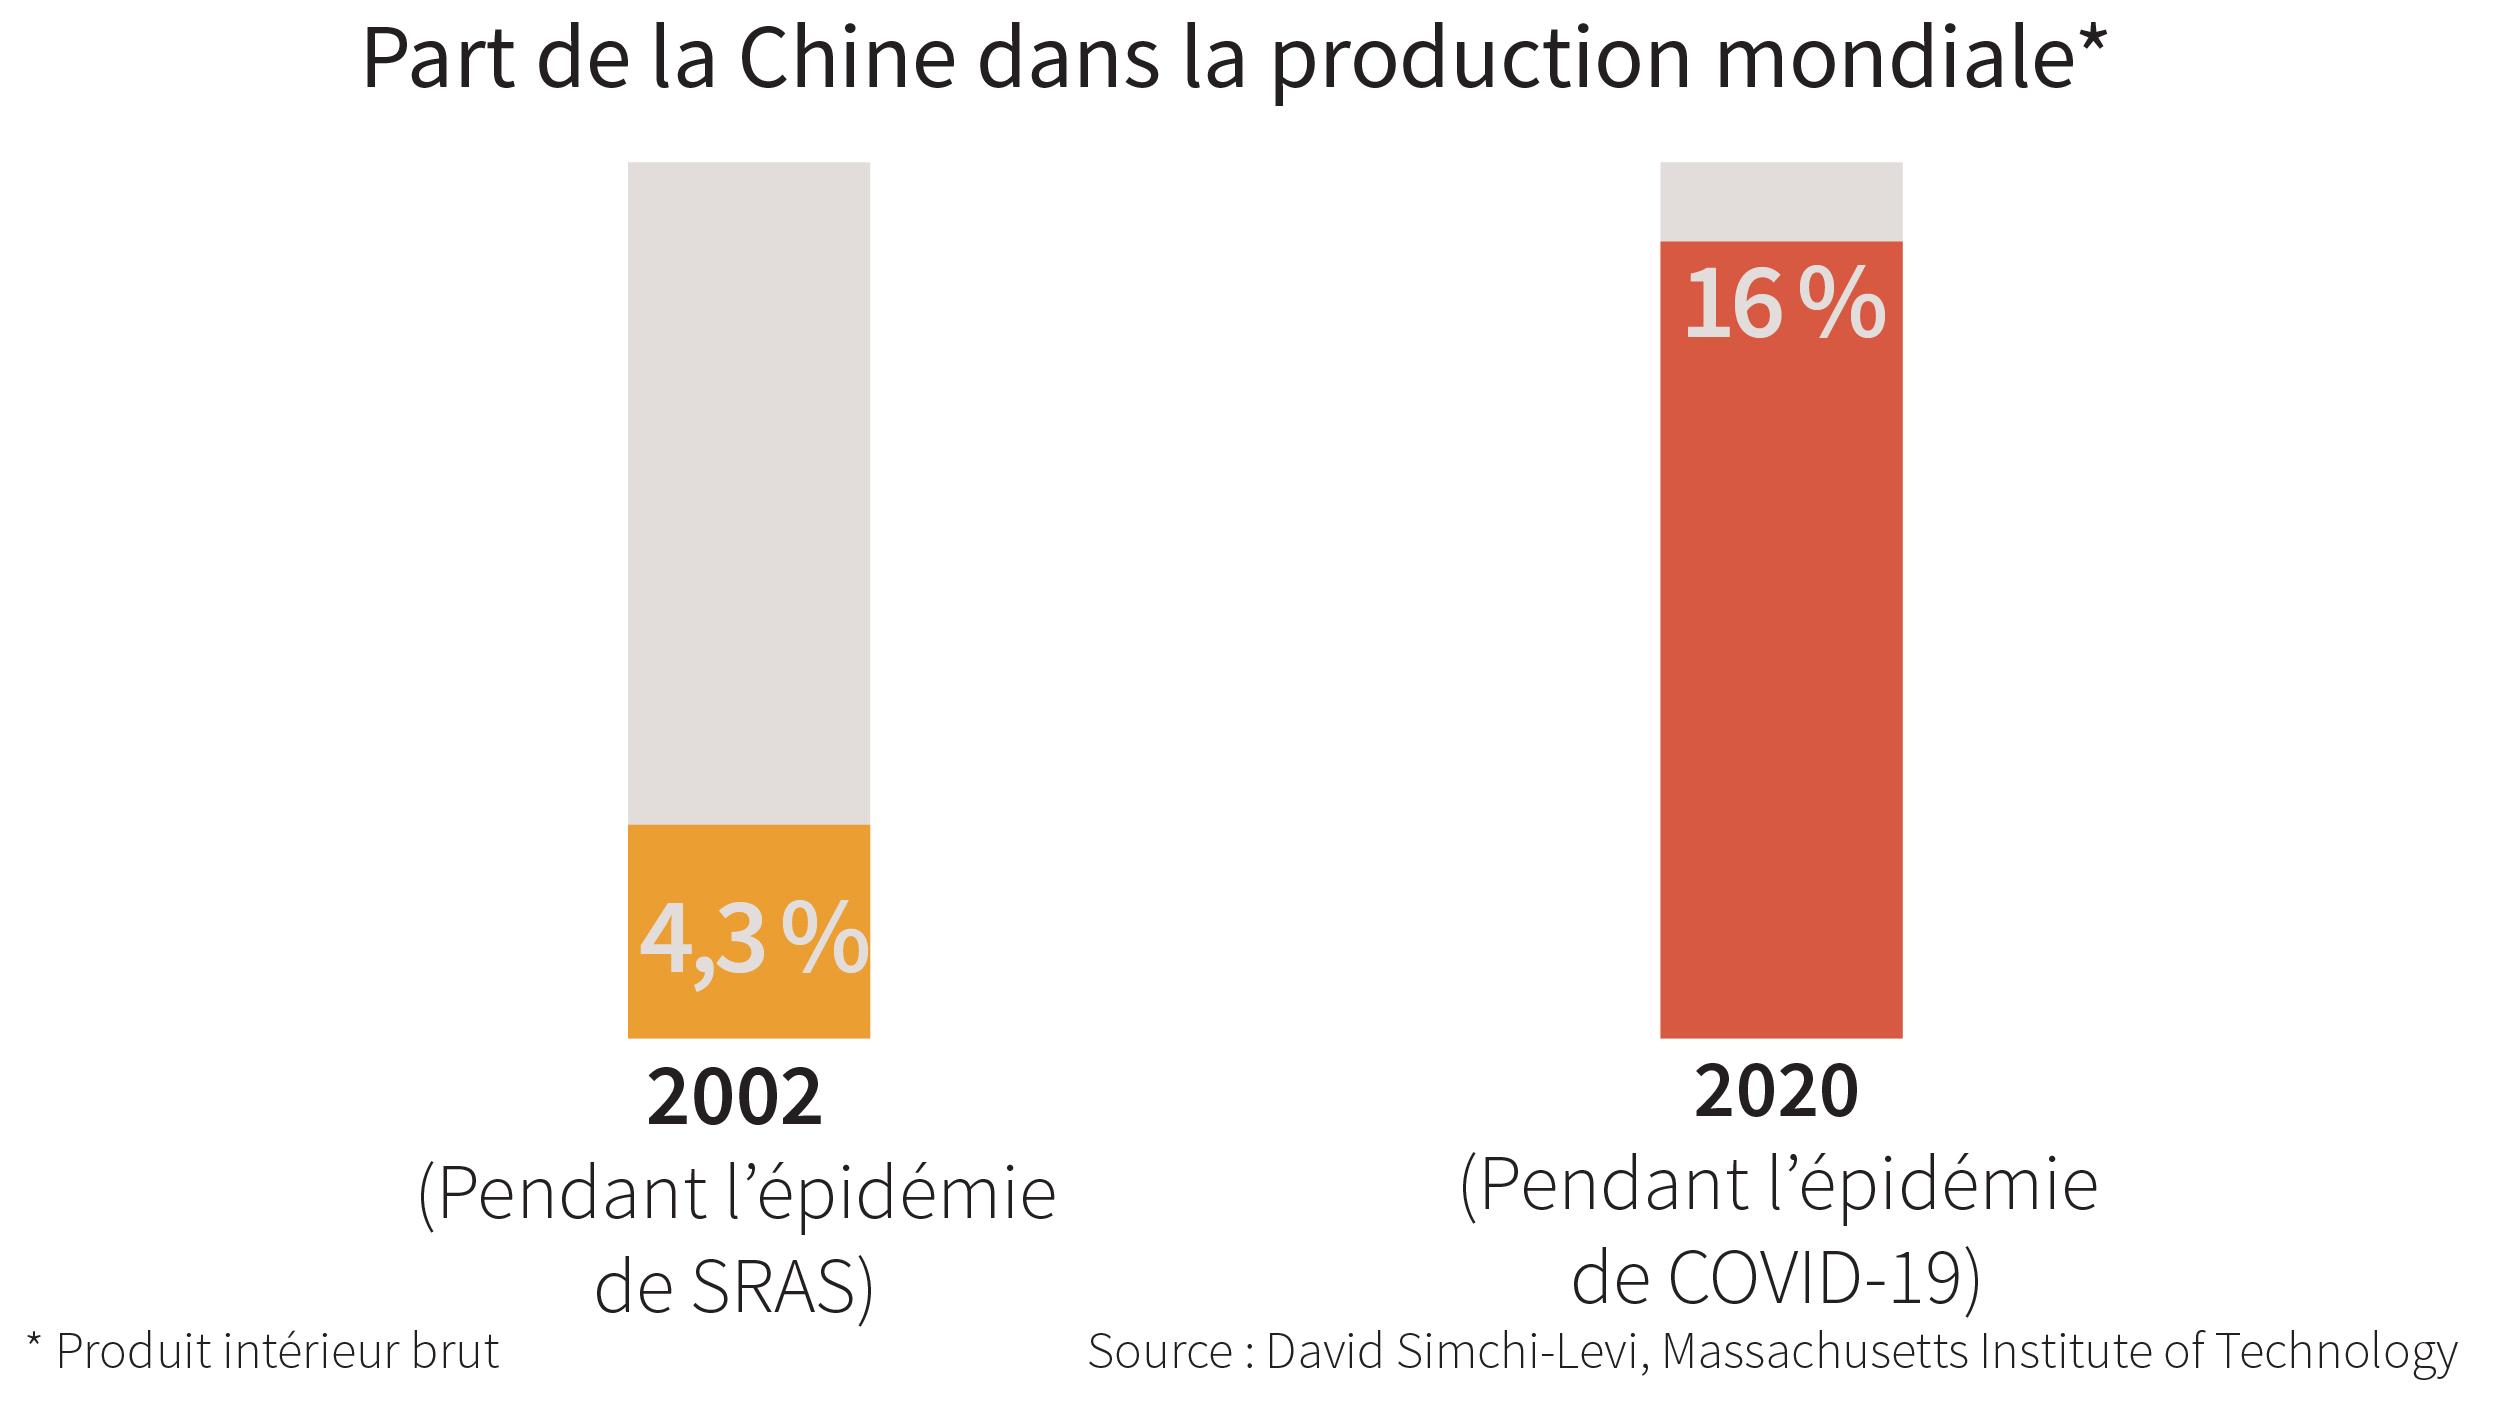 Graphique comparant la part de la Chine dans le PIB mondial en 2002 et en 2020 (Département d'État)